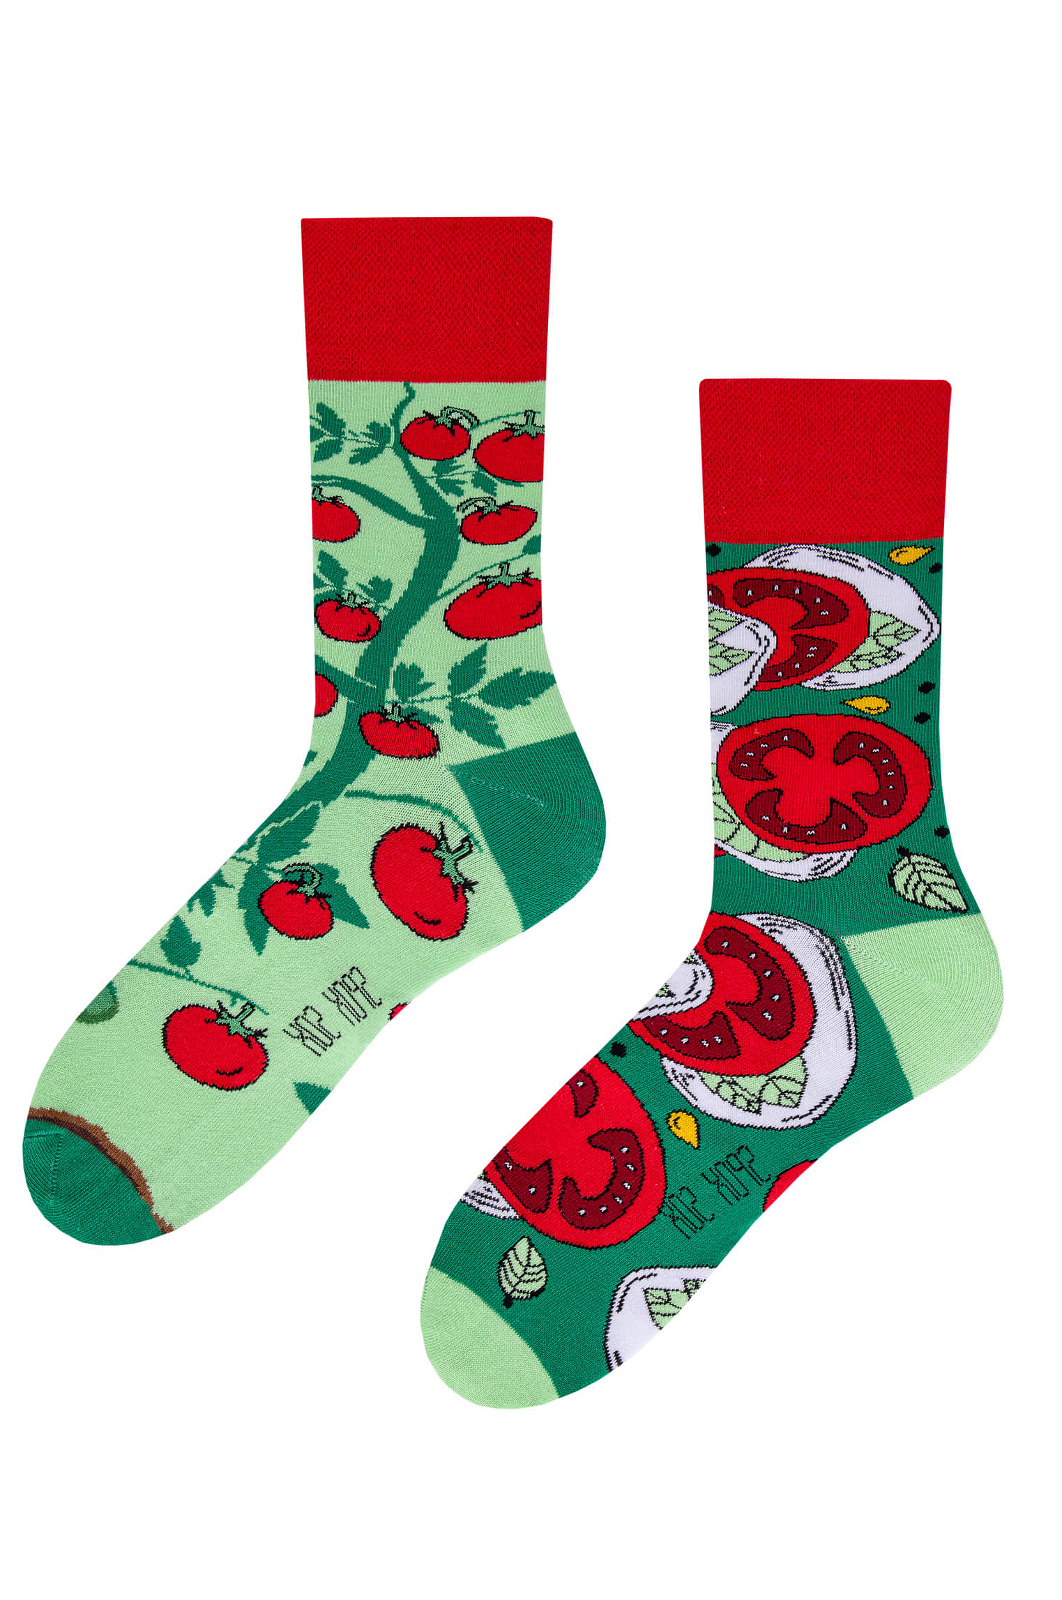 Unisex nepárové ponožky Spox Sox Rajčata